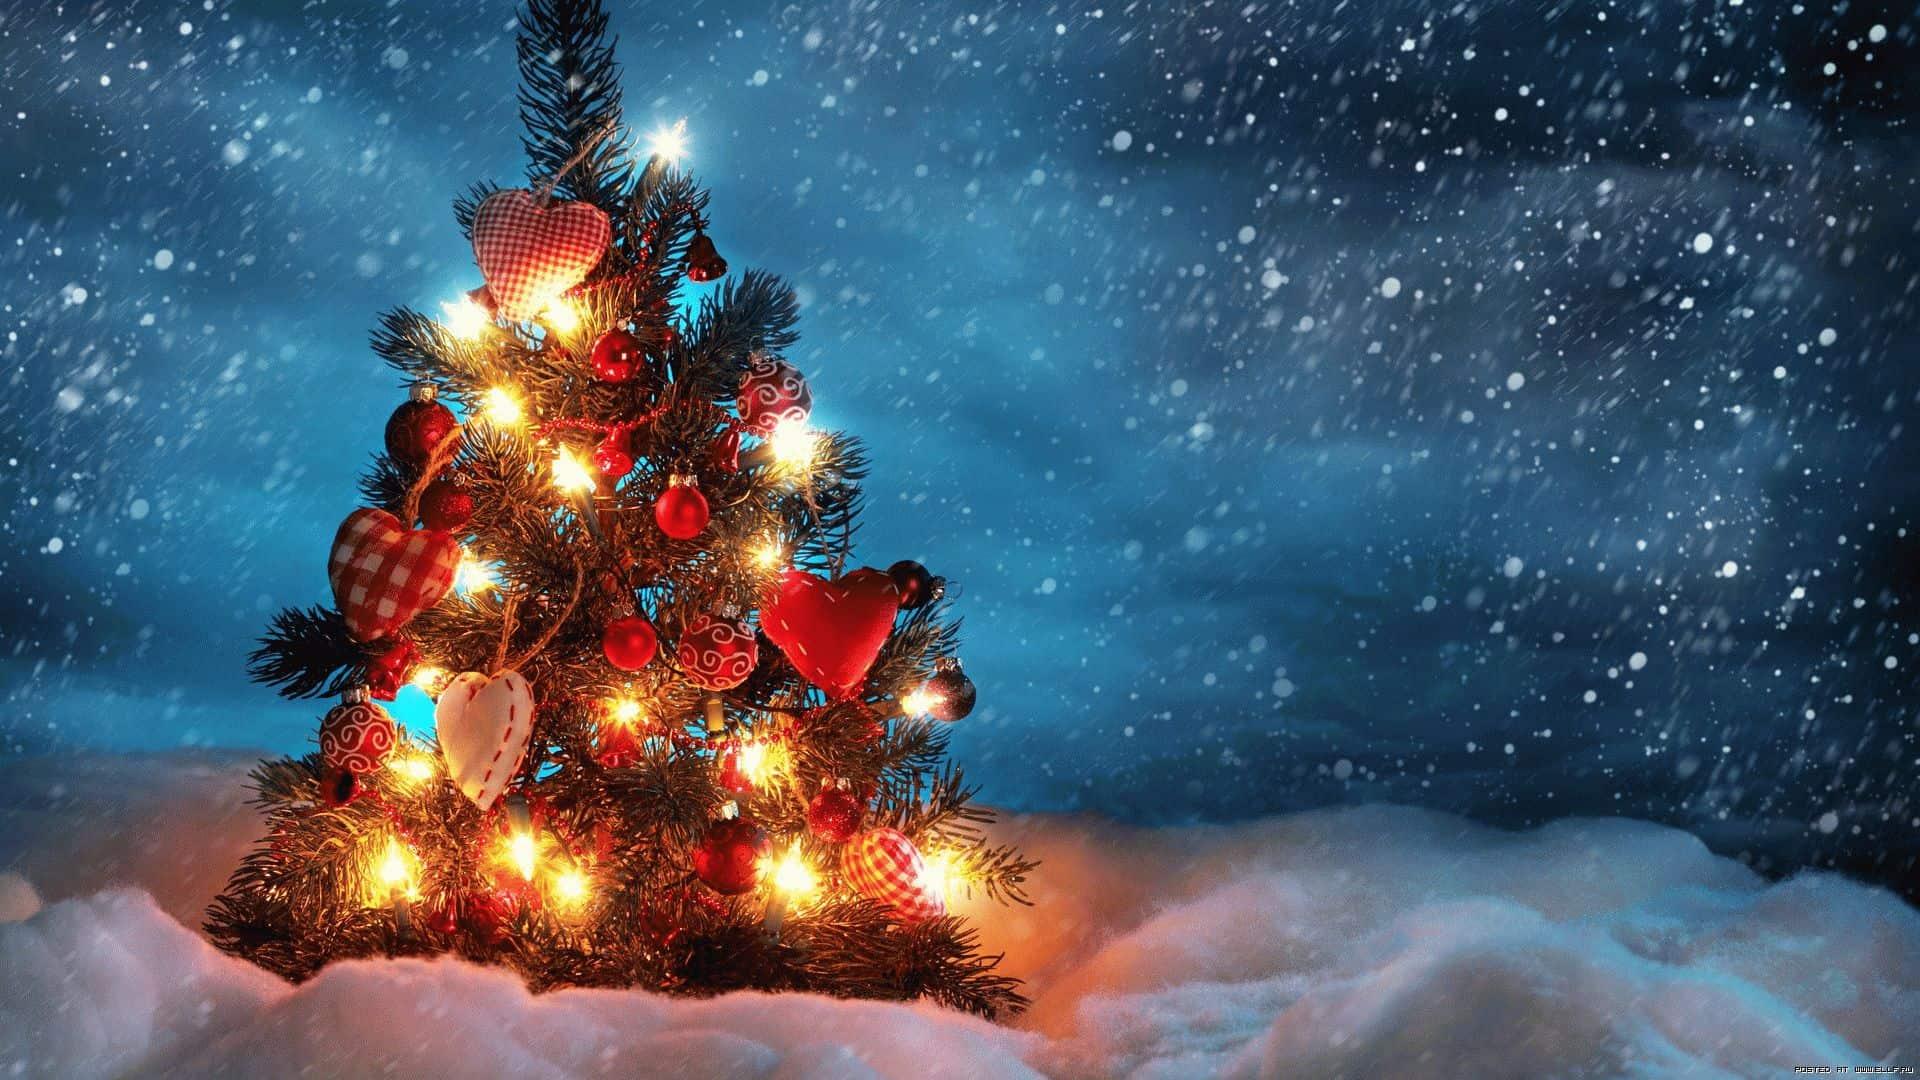 рождественская магия очень сильная